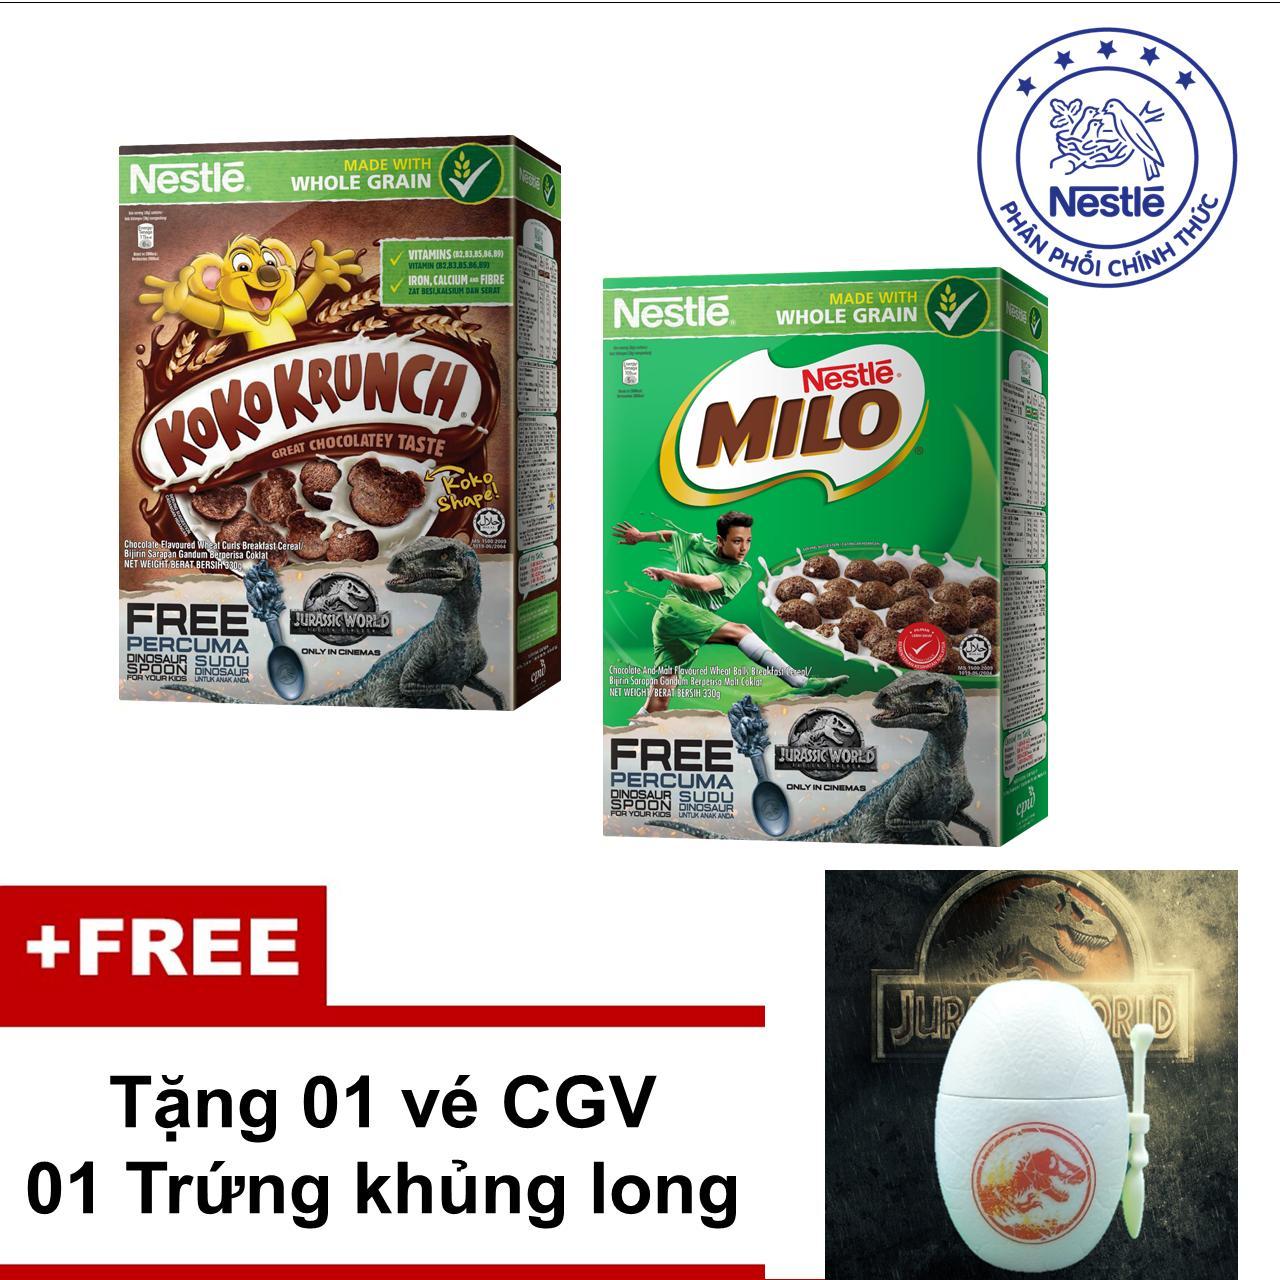 Ngũ Cốc Ăn Sáng Nestlé Koko Krunch 330g & Nestlé MILO 330g